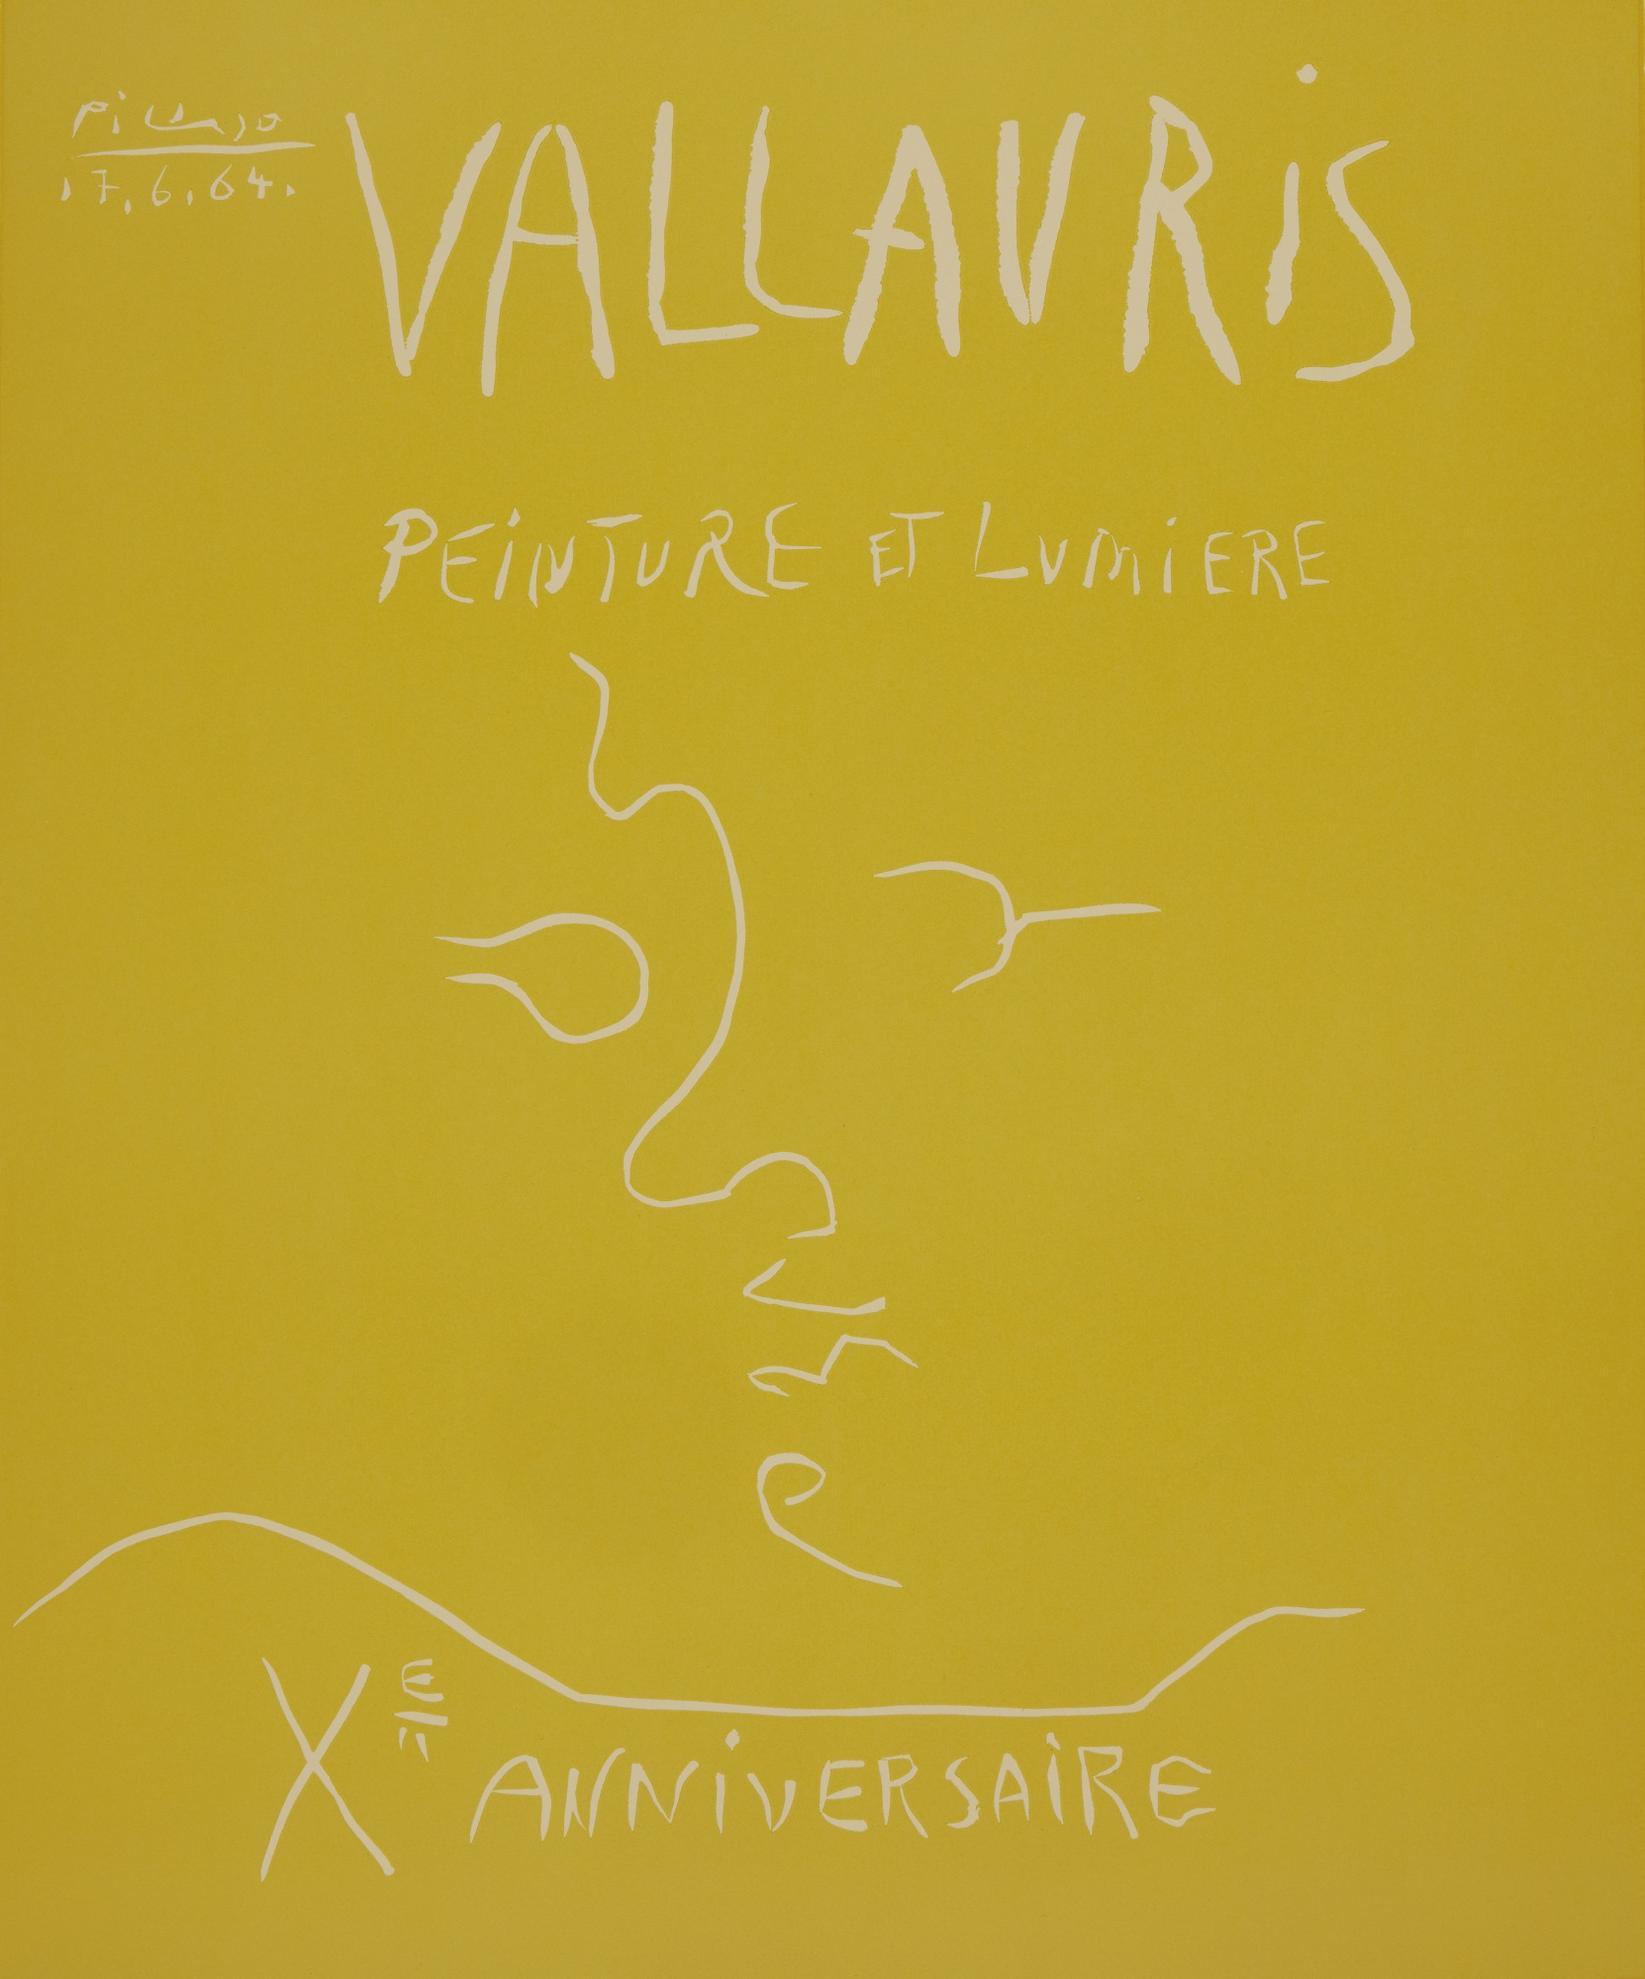 Pablo Picasso-Vallauris. Peinture Et Lumiere. Xe Anniversaire (B. 1850; Ba. 1353)-1964